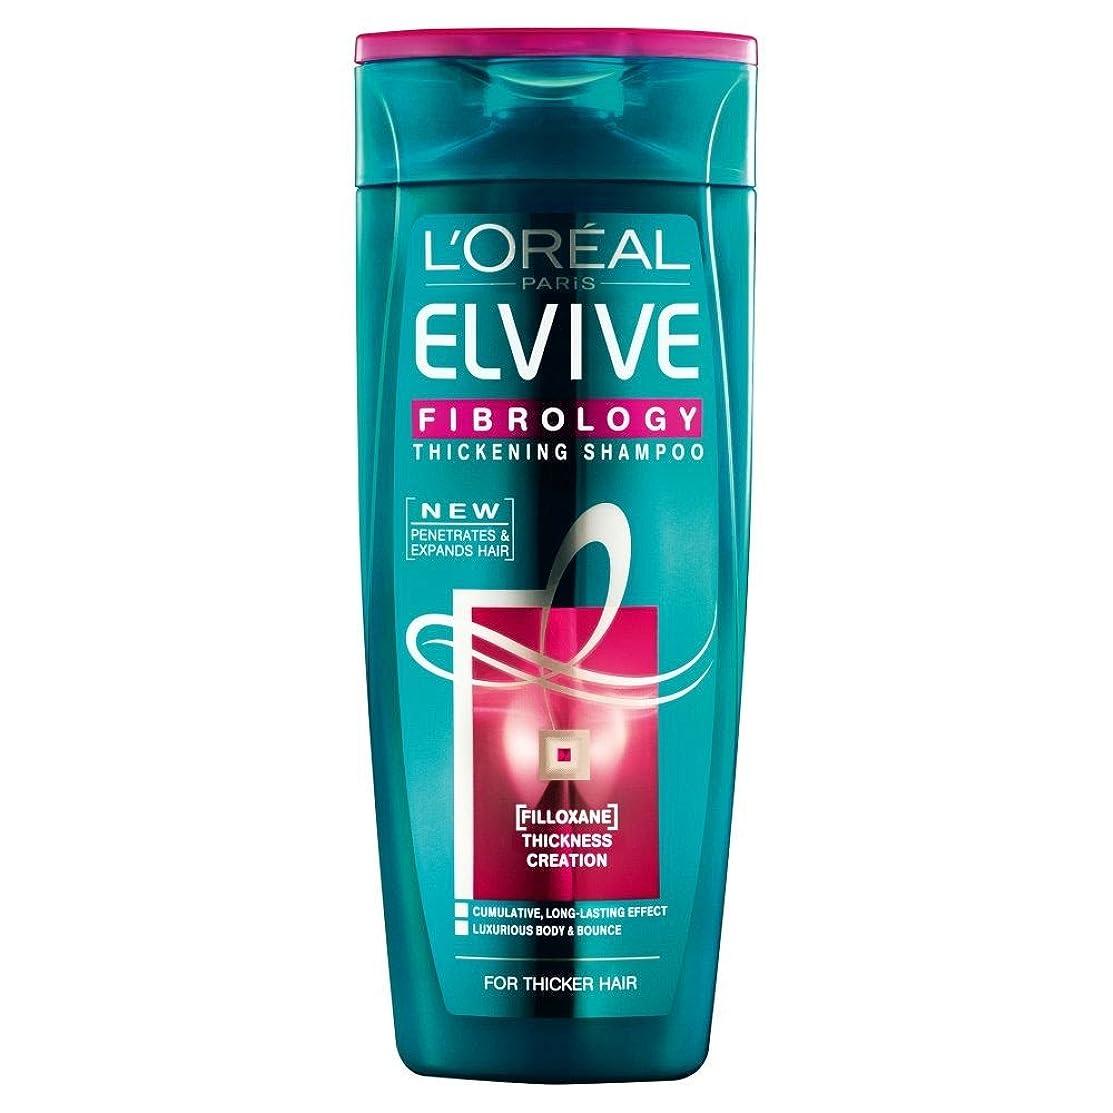 ブランデー演じる記者L'Oreal Paris Elvive Fibrology Thickening Shampoo (400ml) L'オラ?アルパリelviveのfibrology肥厚シャンプー( 400ミリリットル) [並行輸入品]